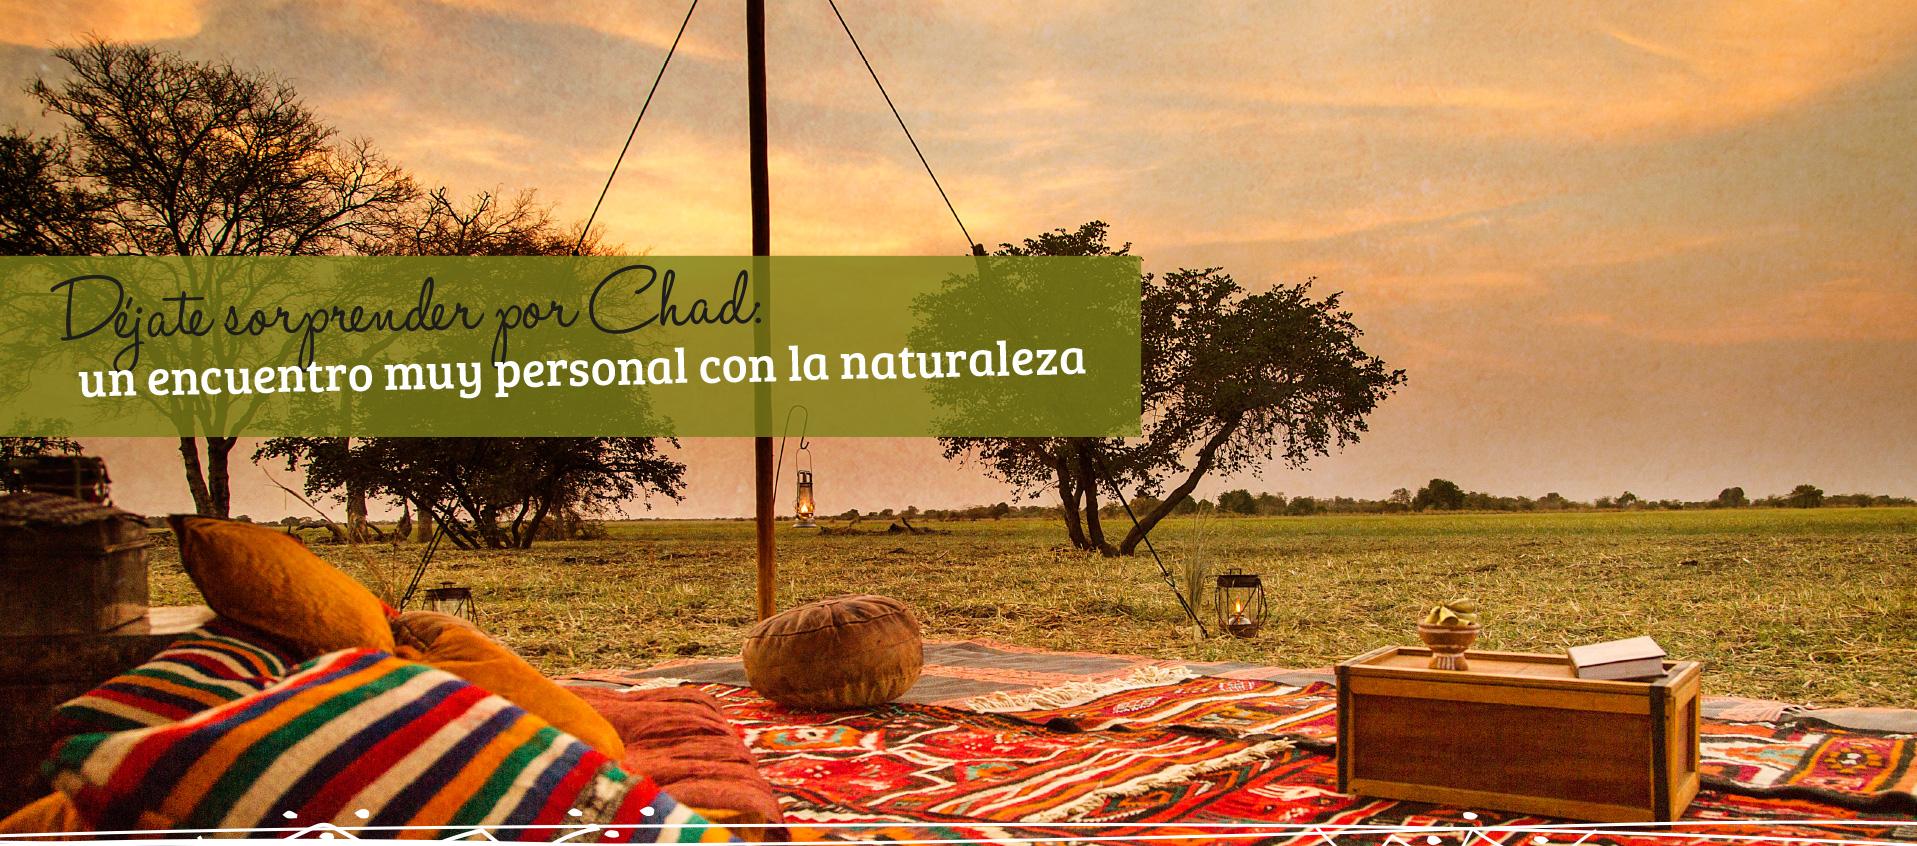 Déjate sorprender por Chad: un encuentro muy personal con la naturaleza